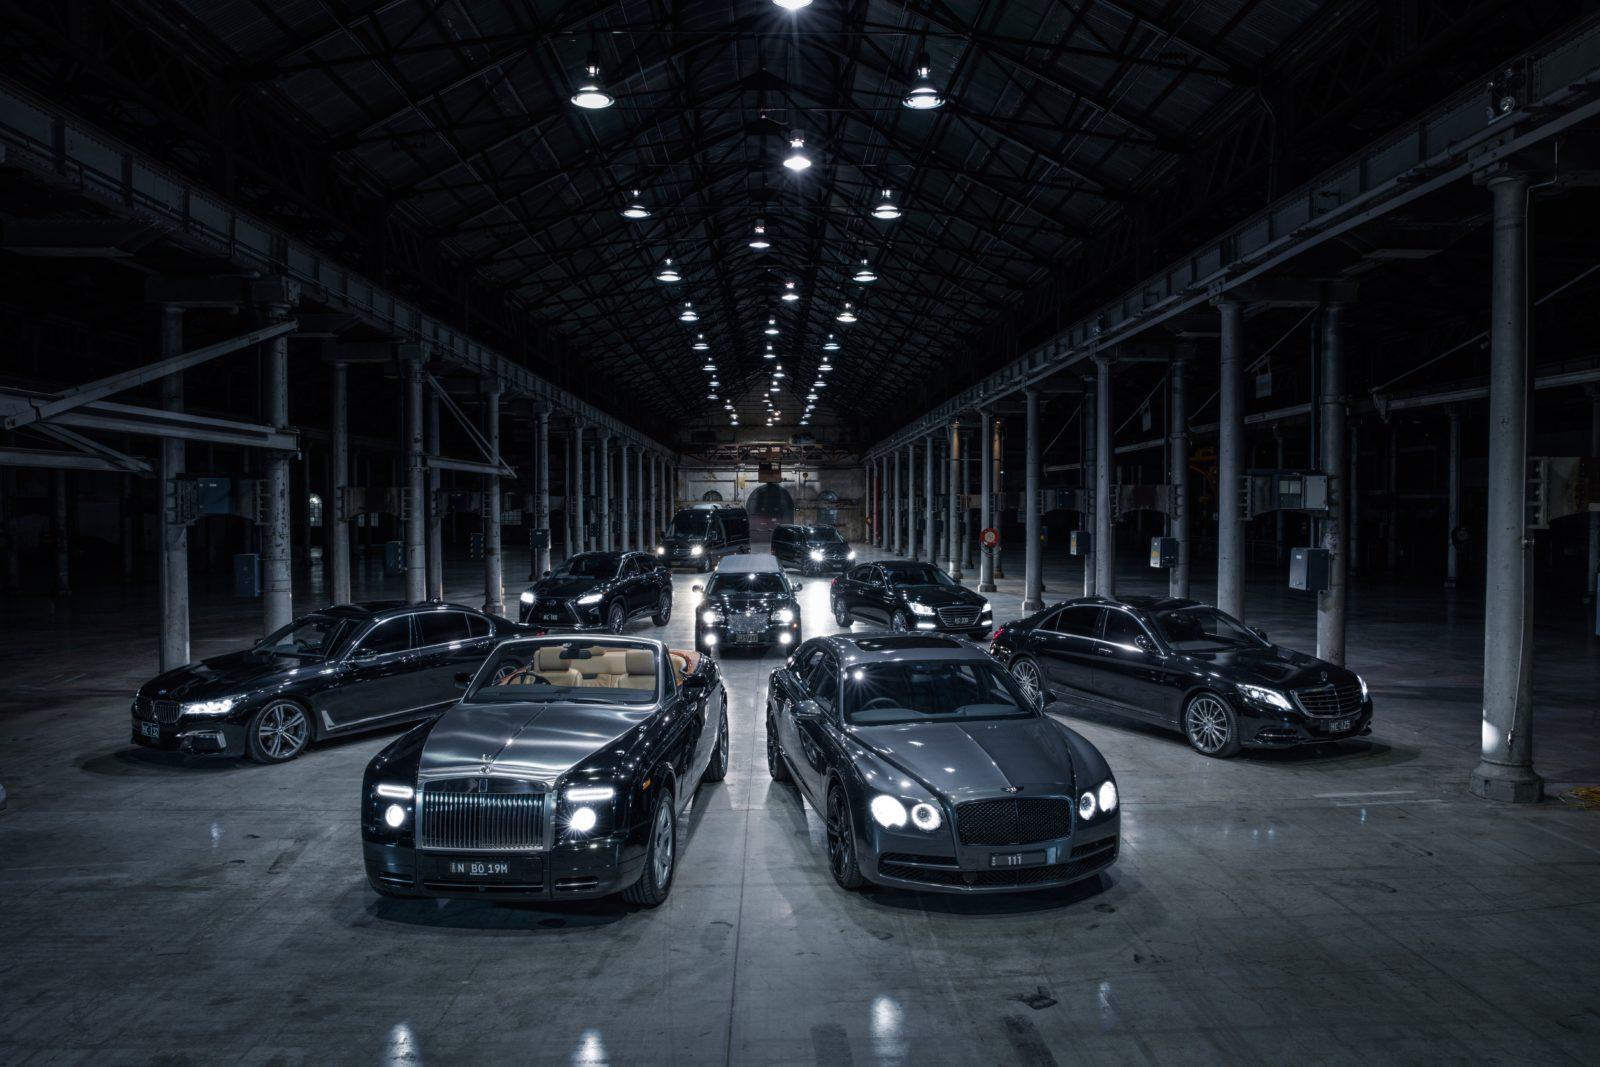 Mercedes, BMW, Van, Rolls-Royce, Bentley, Sprinter